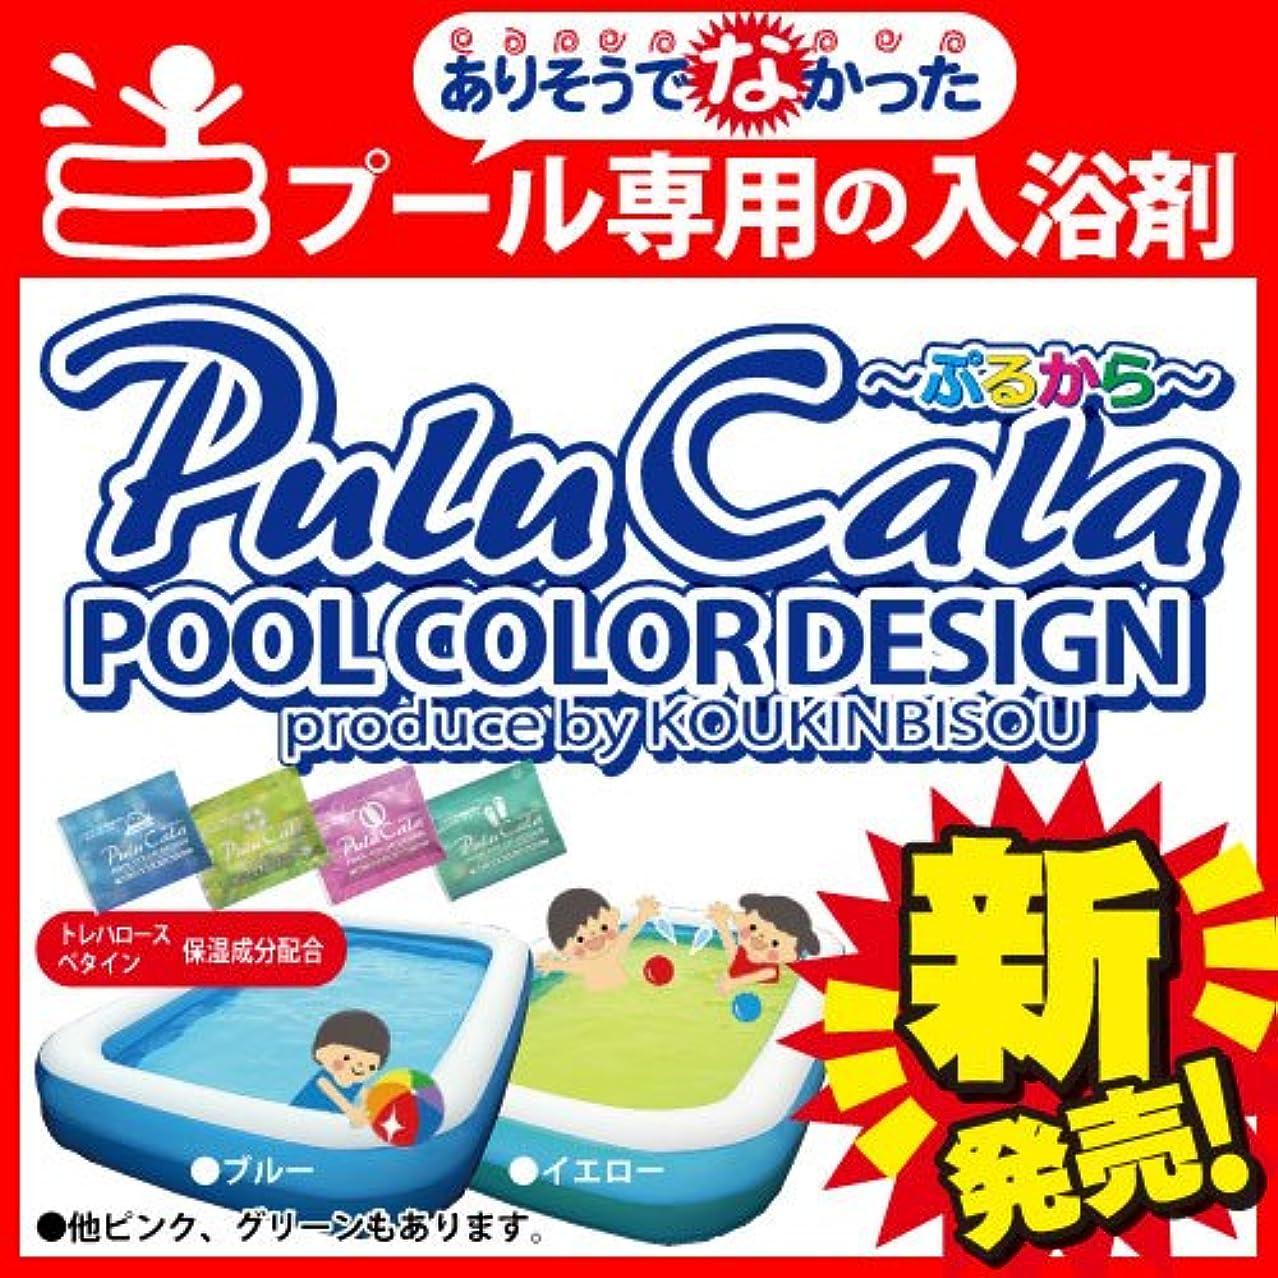 ブルーム炭素しなやかな【プール専用入浴剤】ぷるから ブルー10回分セット(25g×10) 目や口に入っても大丈夫!